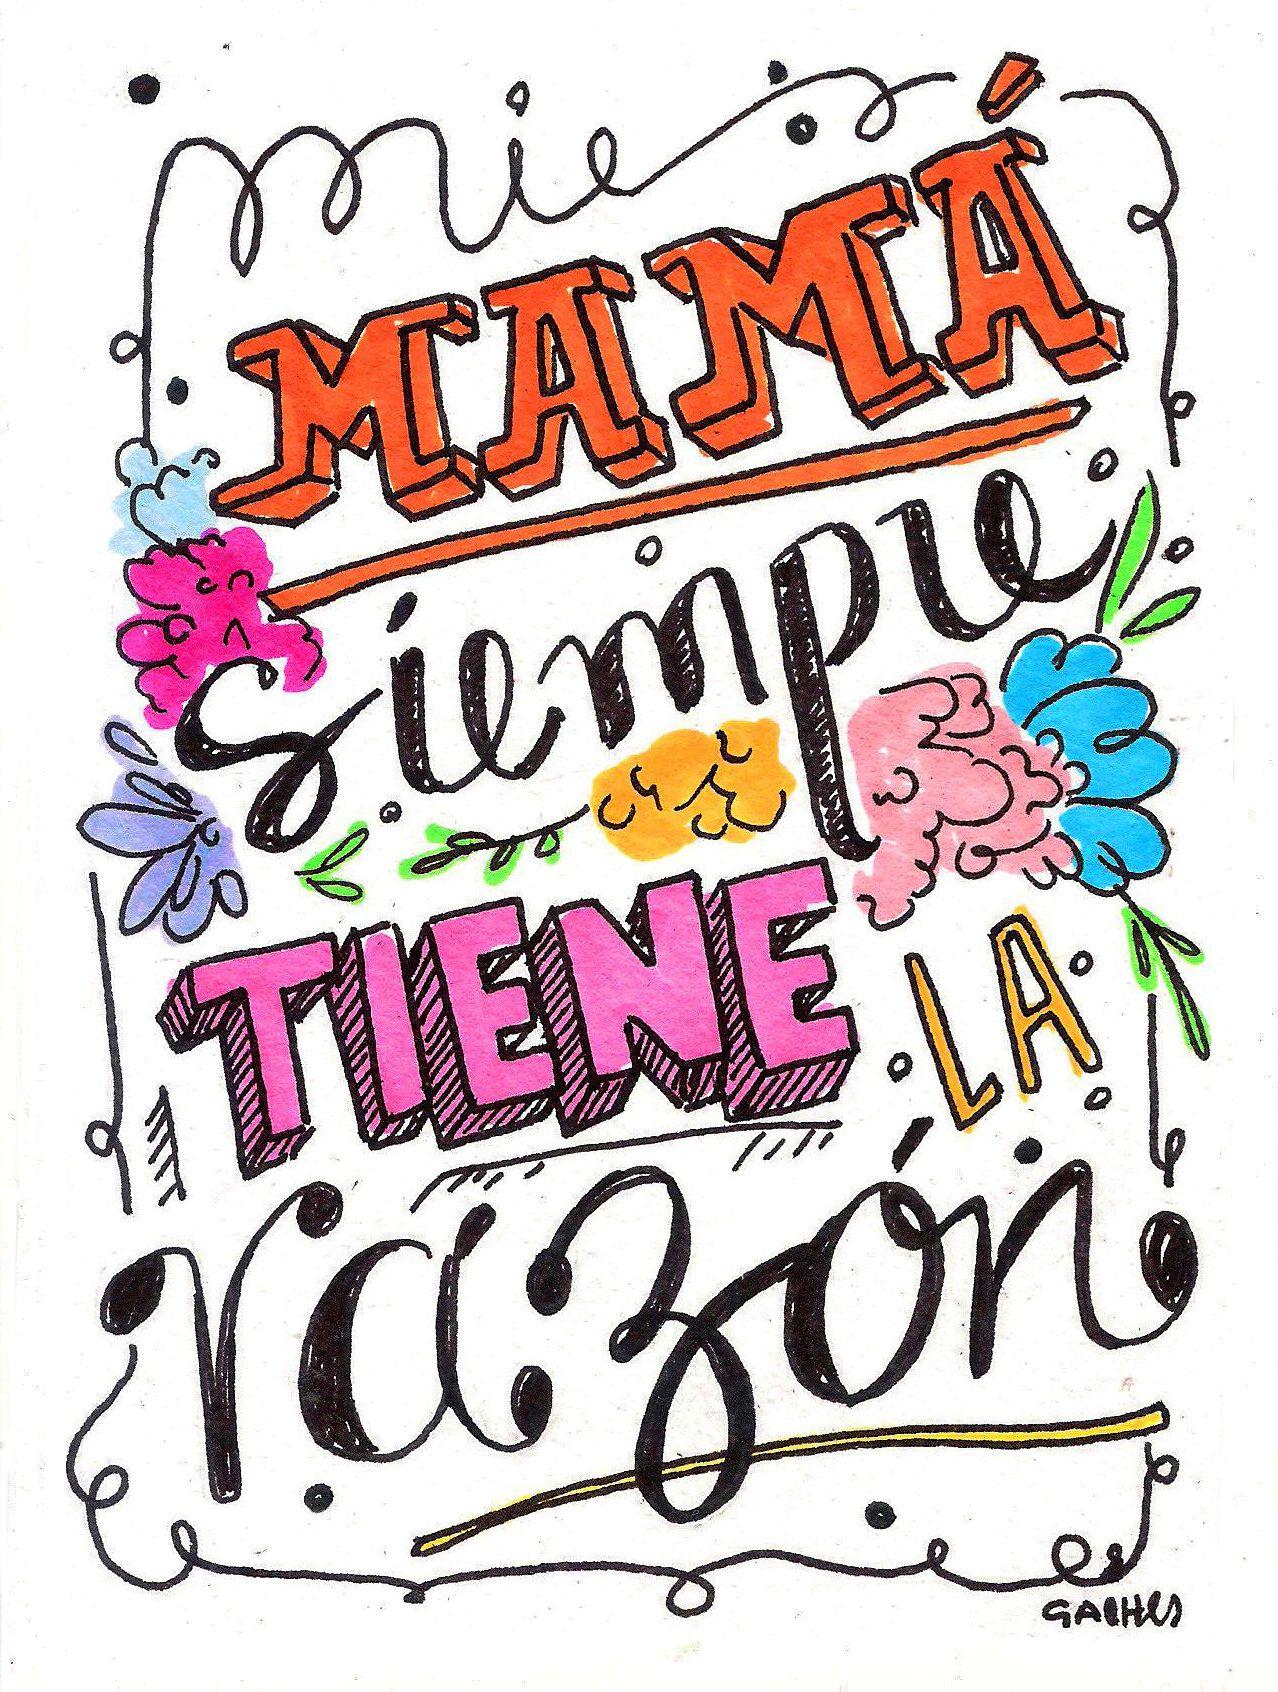 Pin de Gissella en imagenes pintar | Pinterest | Mi mamá, Puños y ...